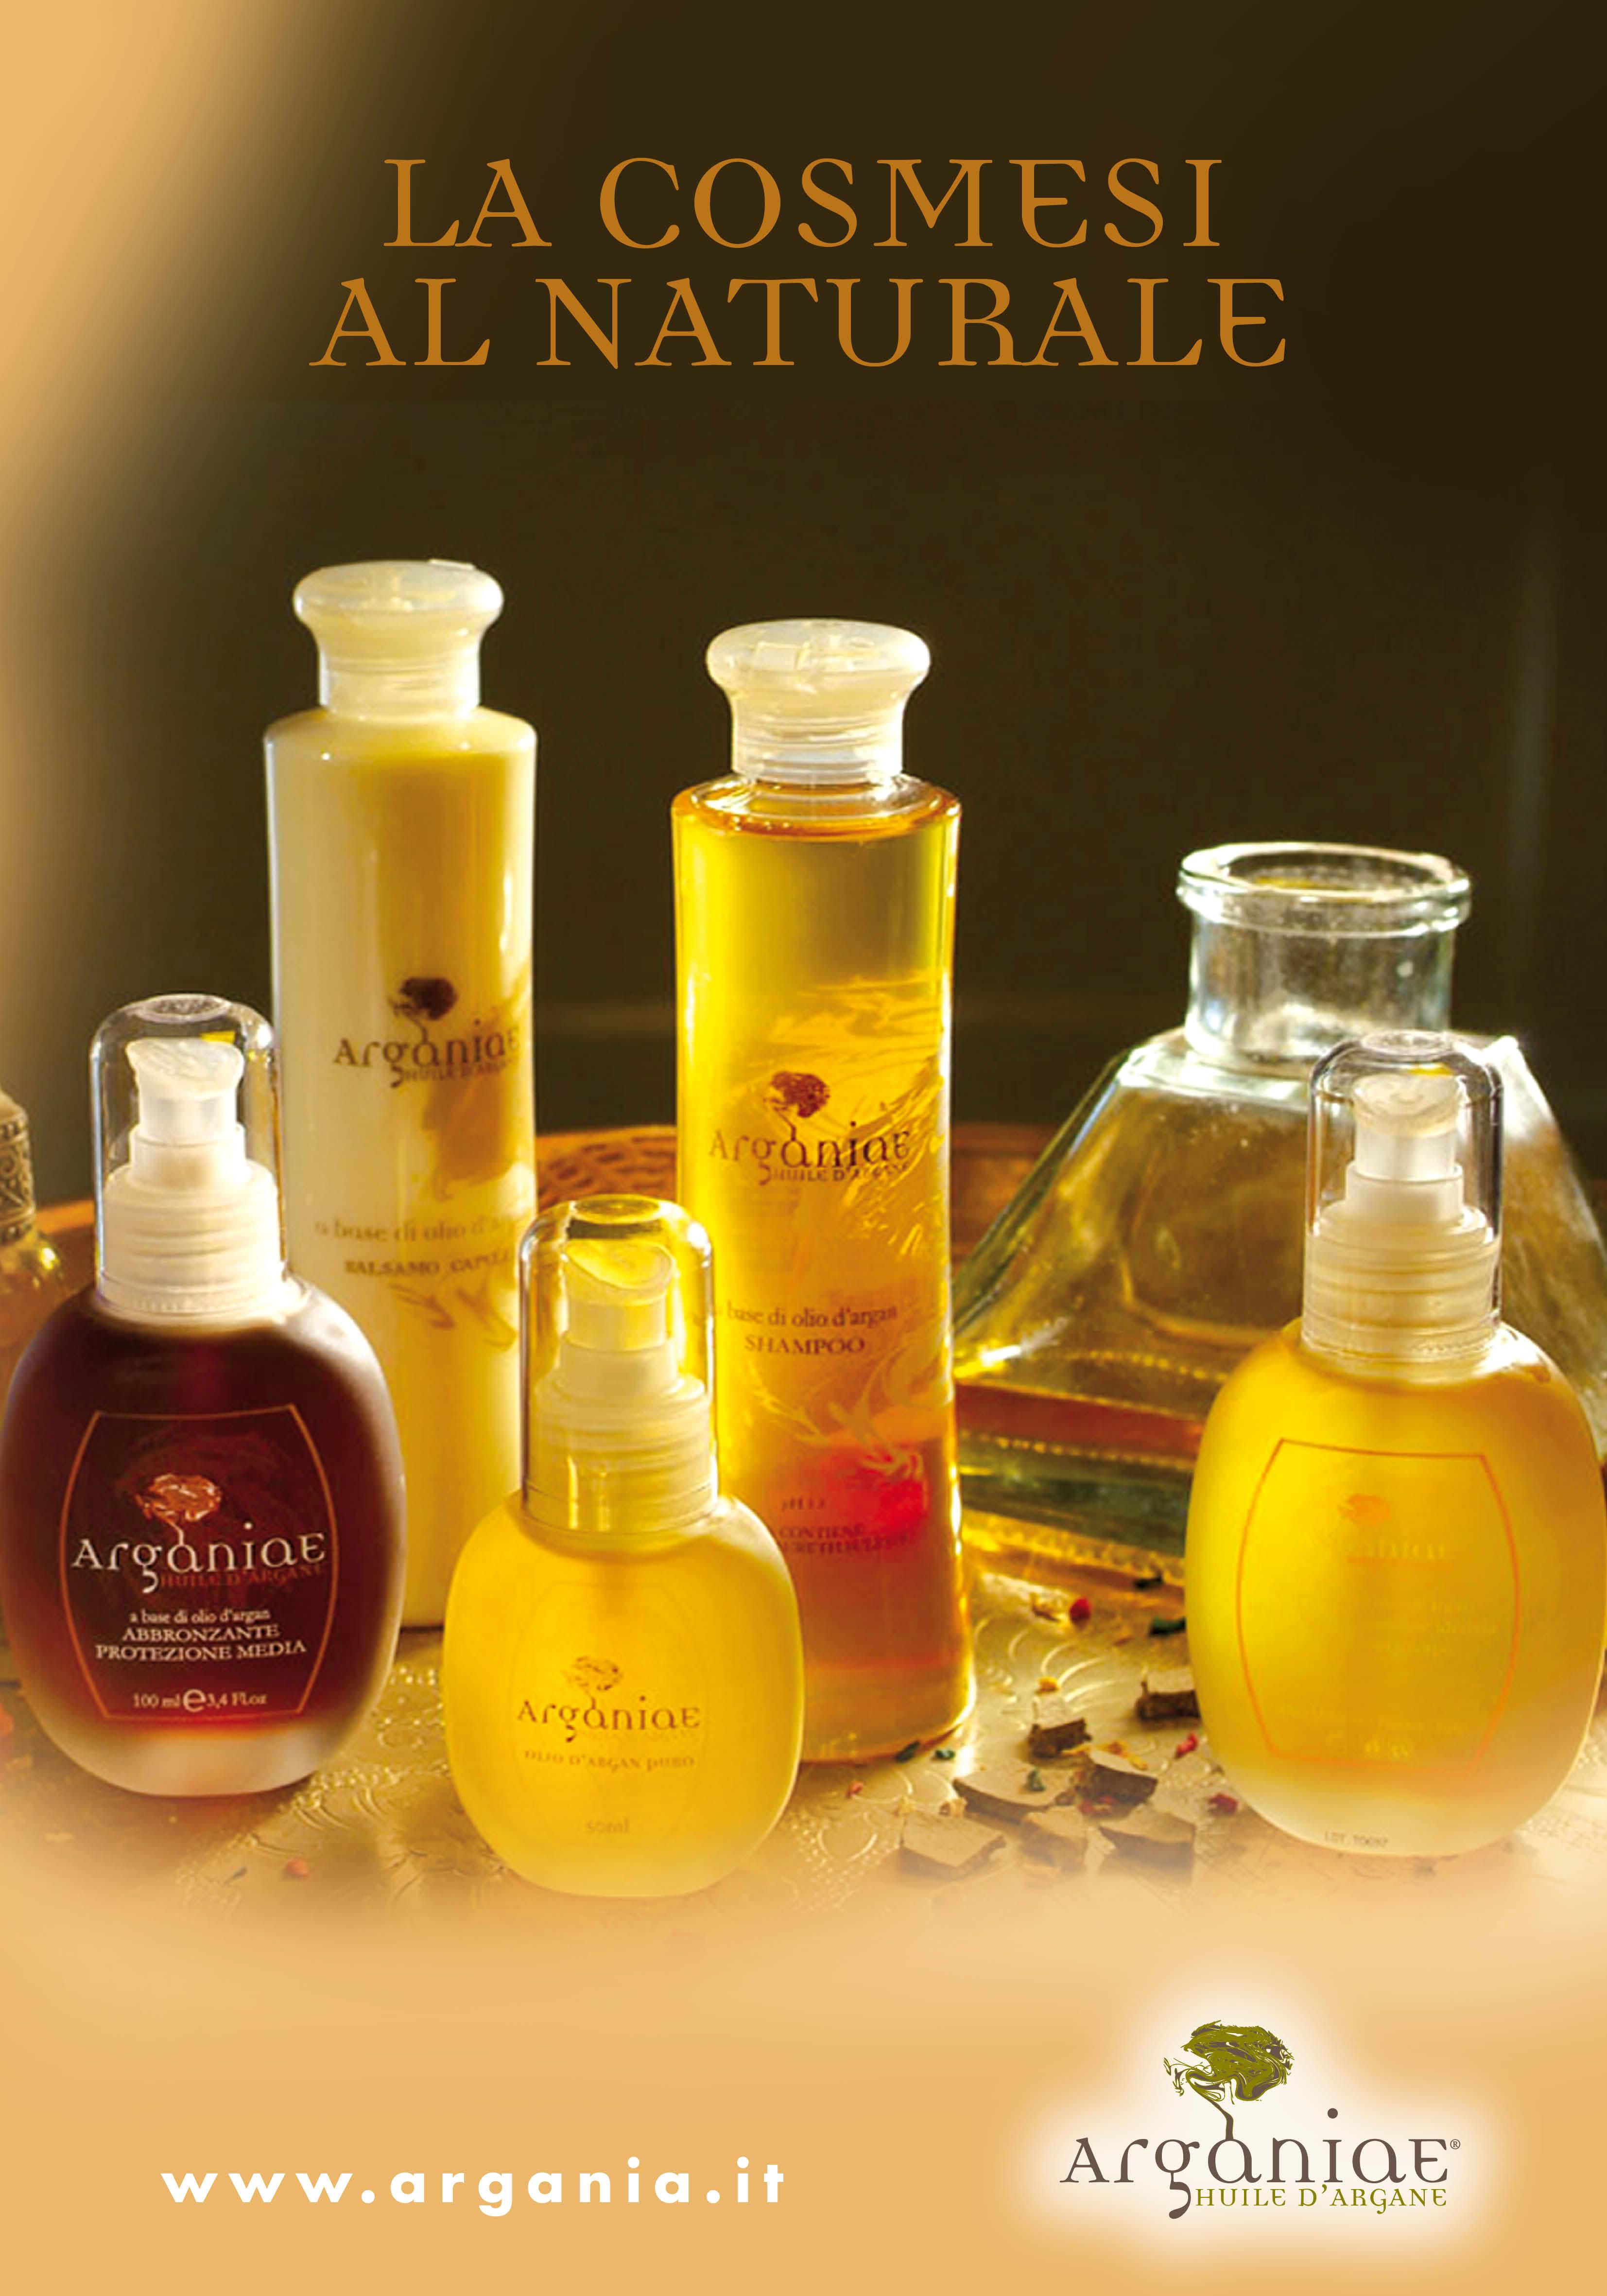 guida all'uso dei prodotti all'olio d'argan della linea Arganiae